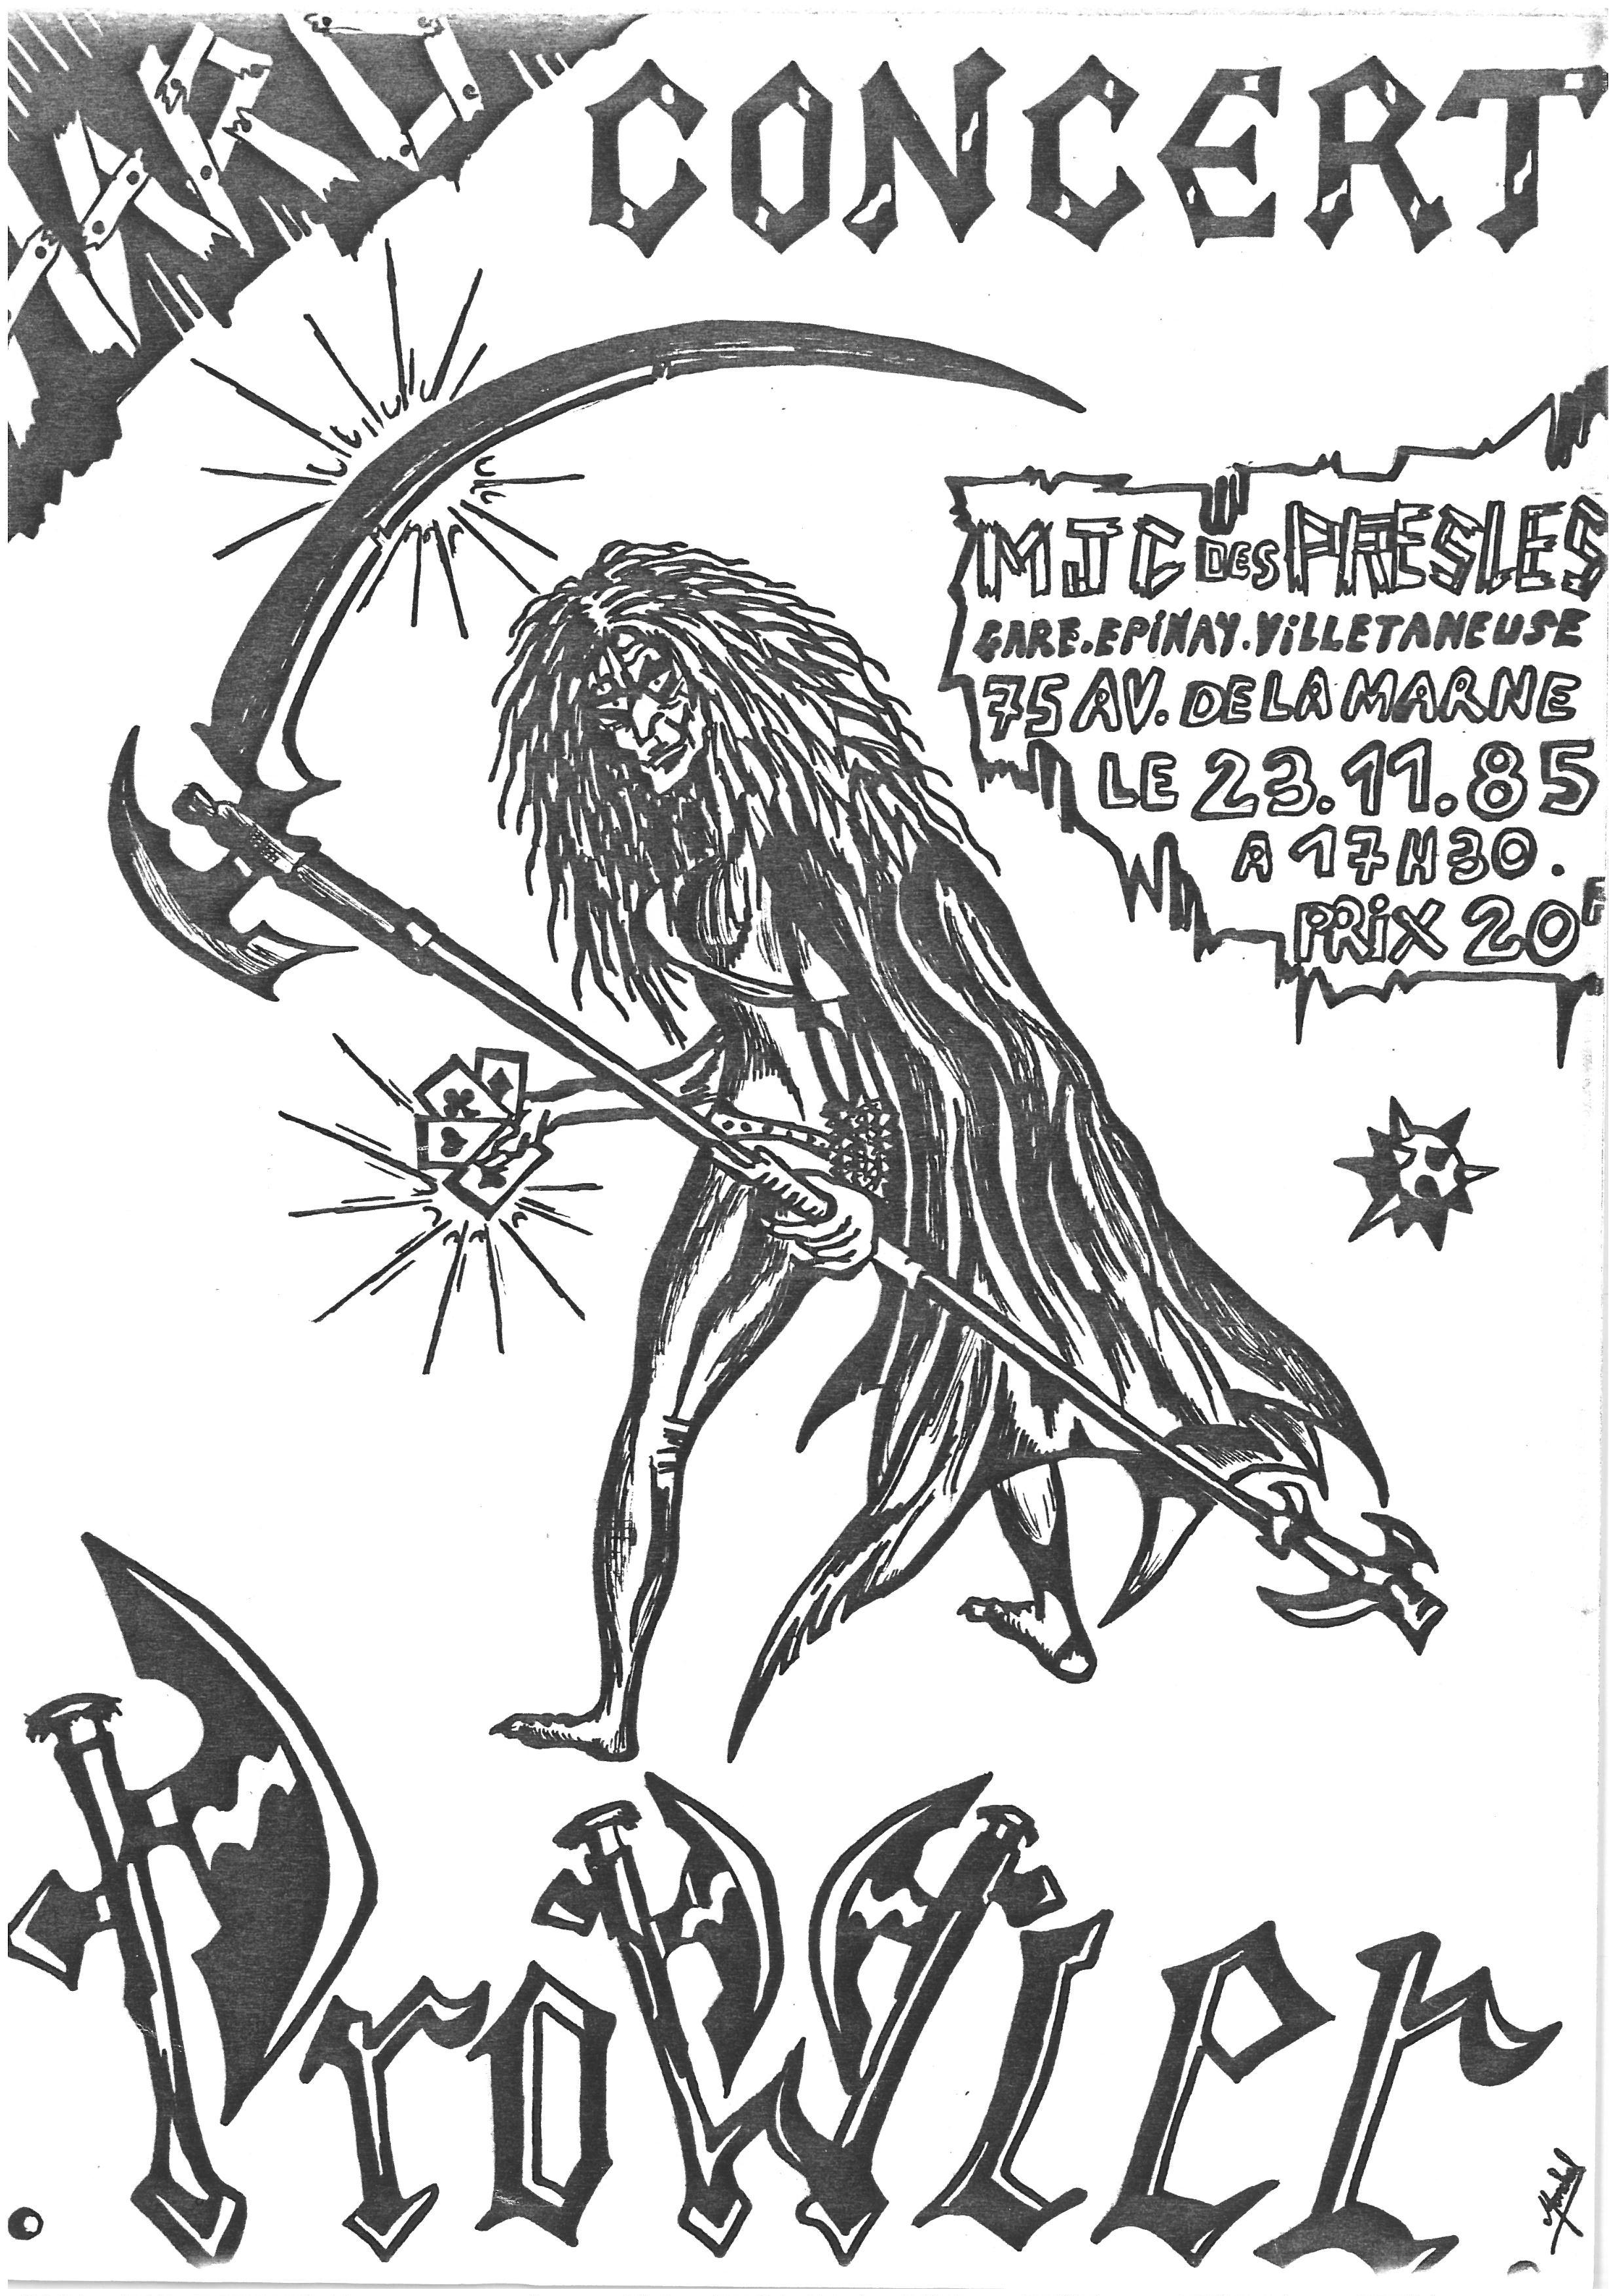 """23 novembre 1985 Prowier à Presles """"MJC"""""""